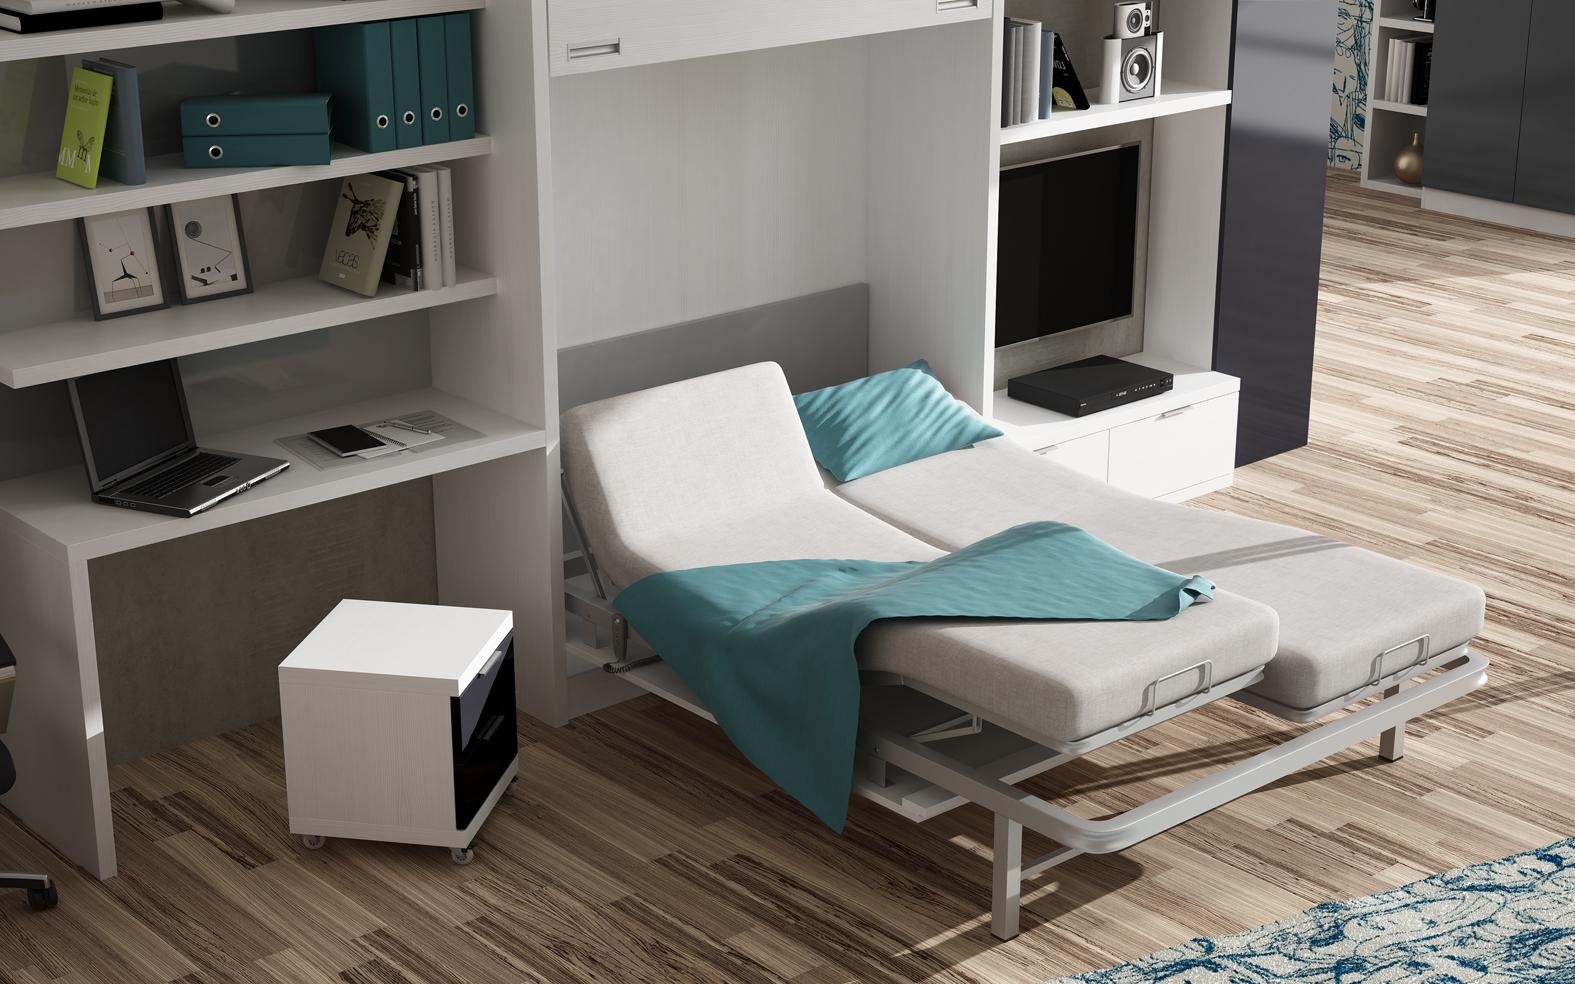 Preguntas frecuentes al comprar una cama abatible - Fabricar cama abatible ...